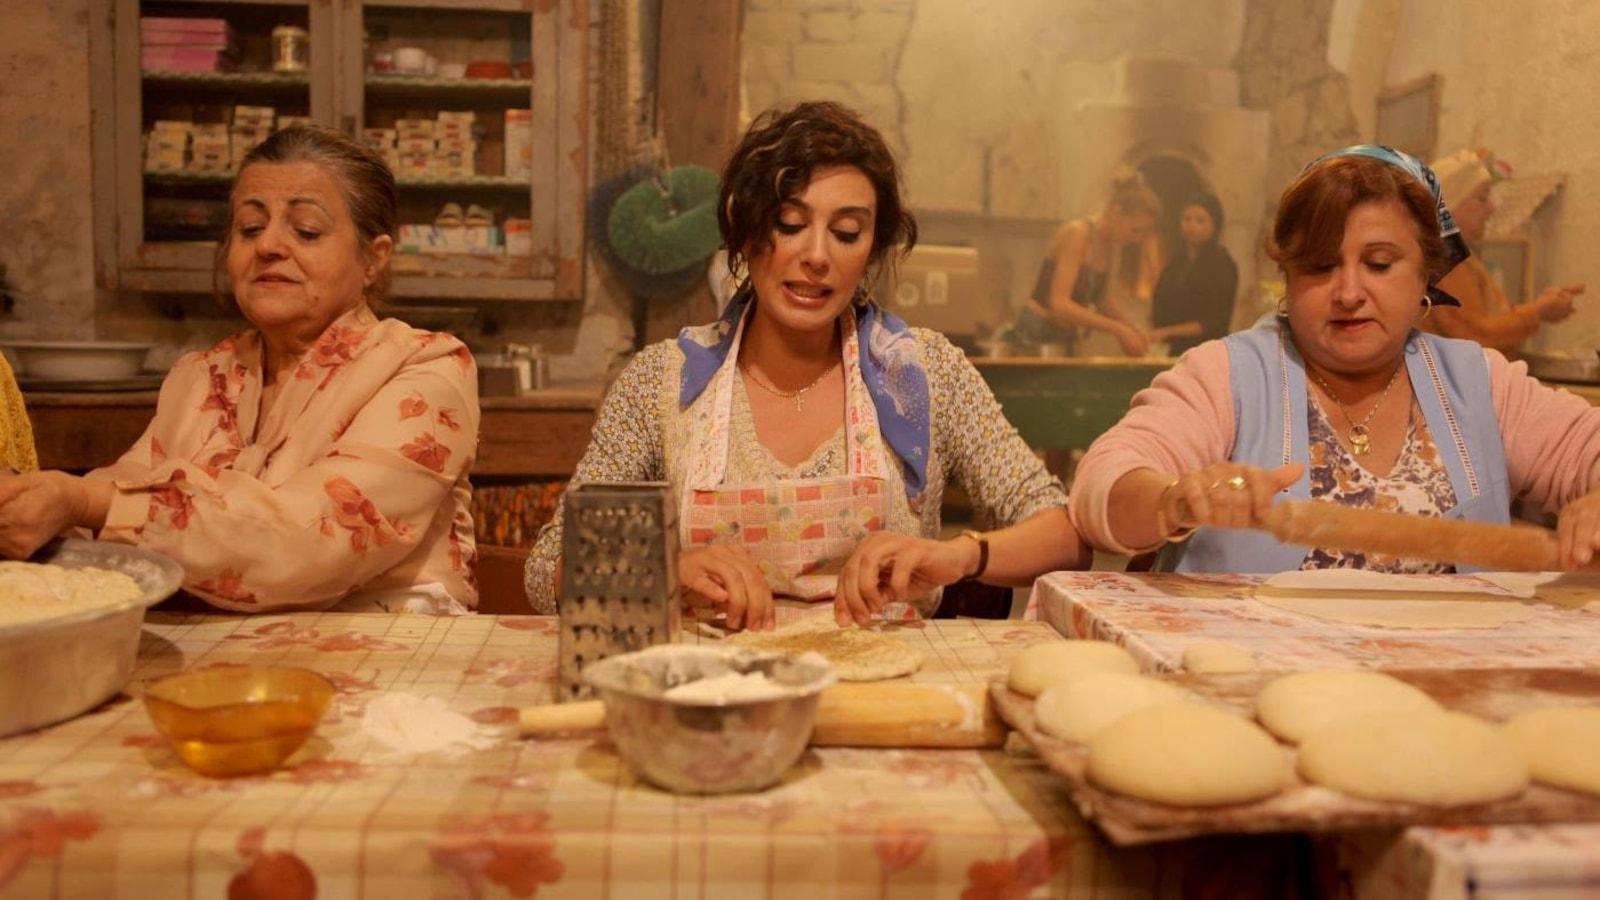 Des femmes assises en train de faire la cuisine.